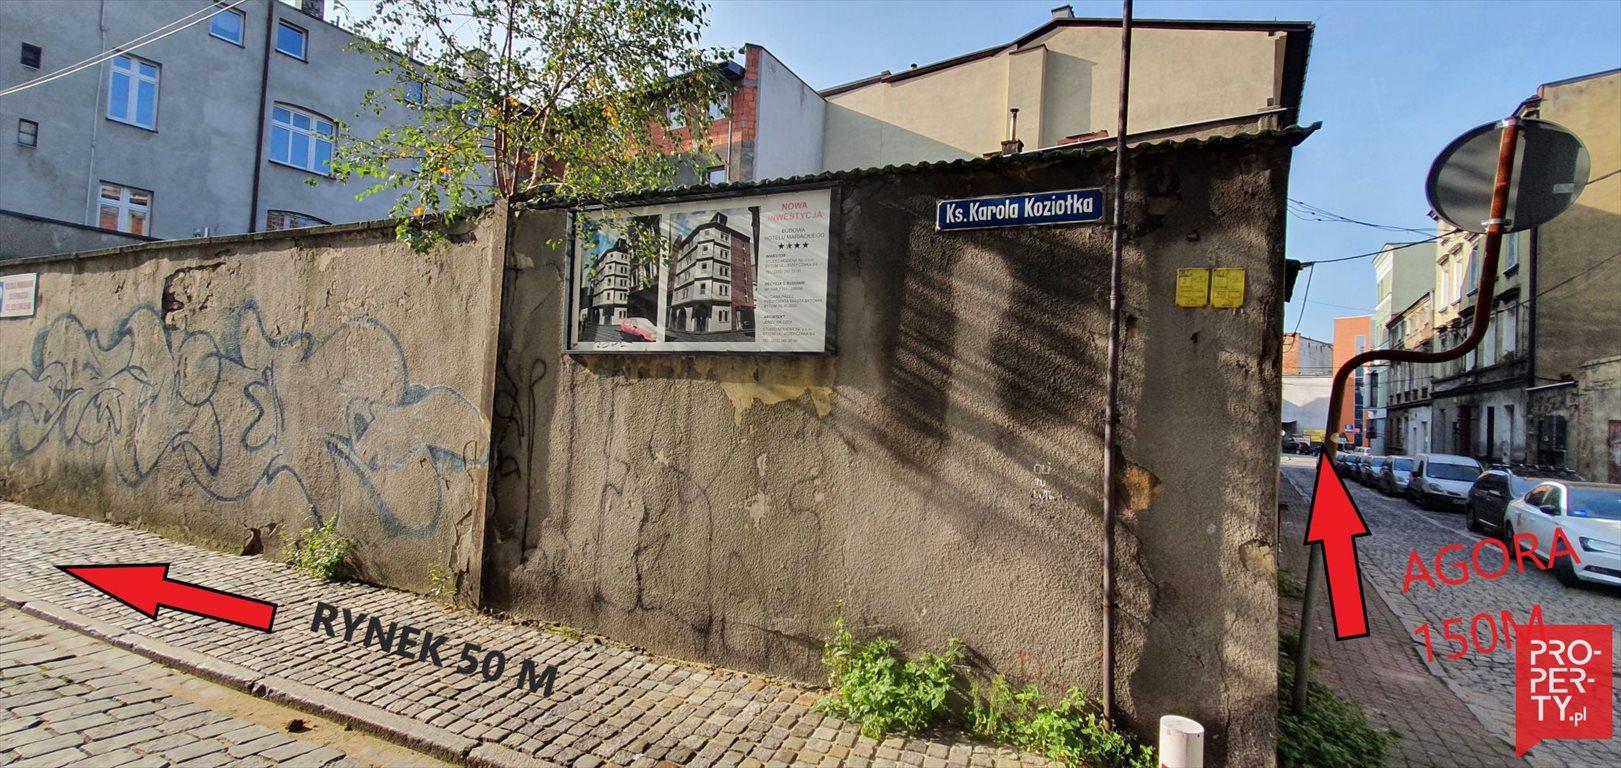 Działka budowlana na sprzedaż Bytom, Rozbark, Mariacka  290m2 Foto 8